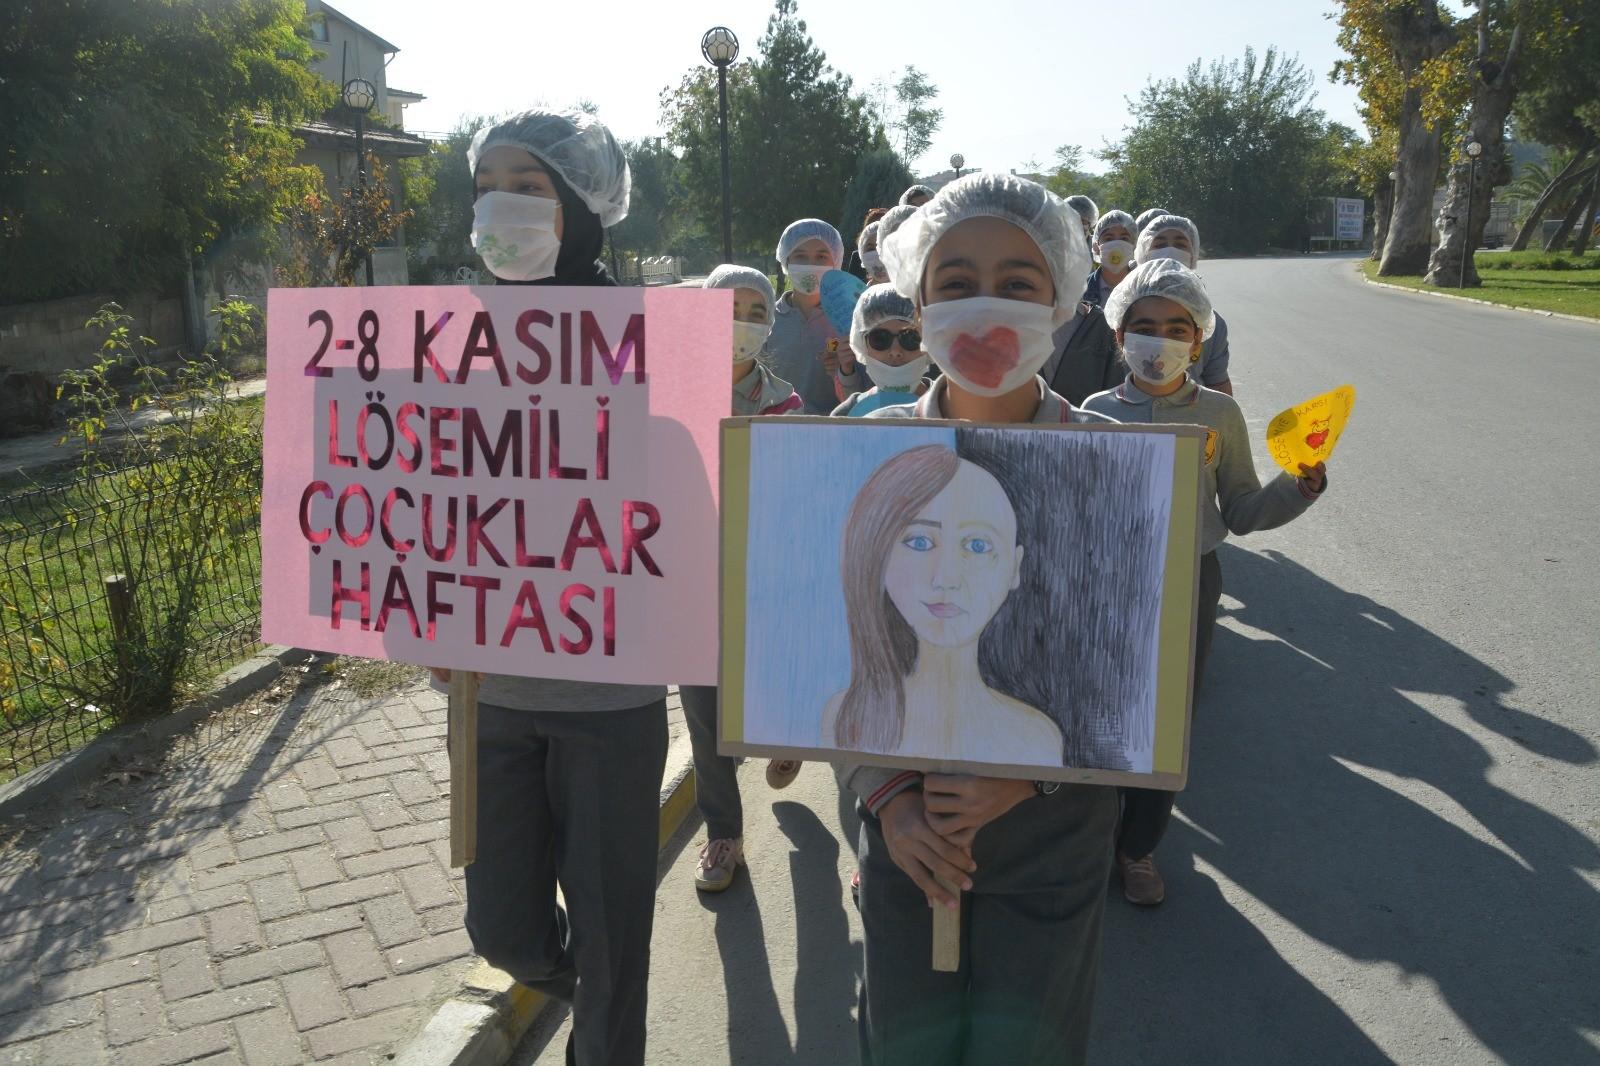 Sarayköy Gazi Ortaokulu, Lösemili Çocuklar Haftası, Ahmet Necati Özba,